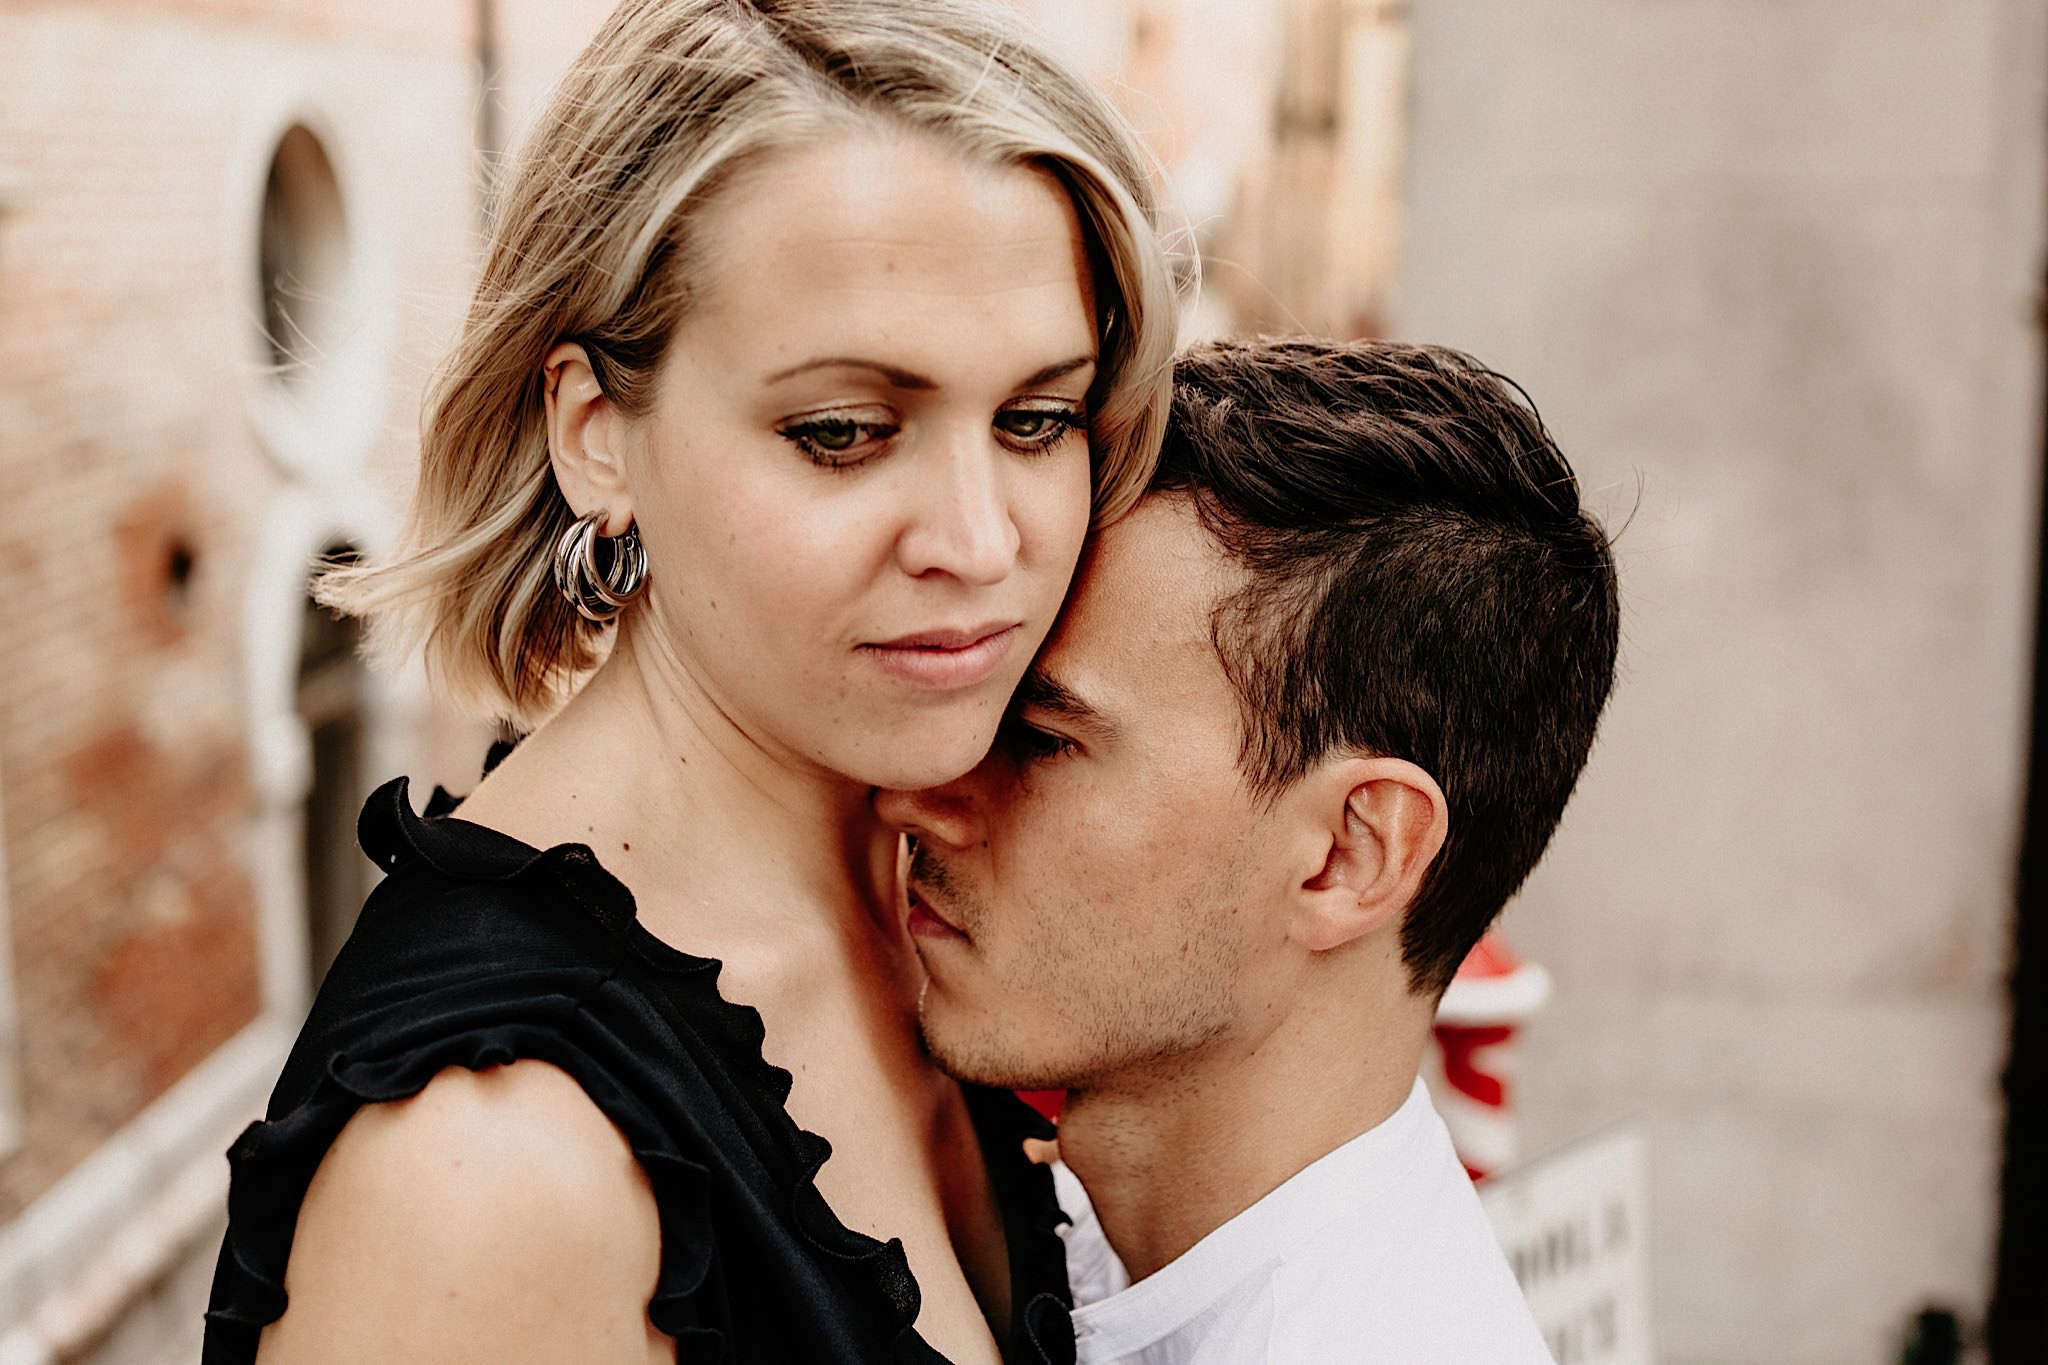 17_venezia_tramonto_matrimonio_proposta